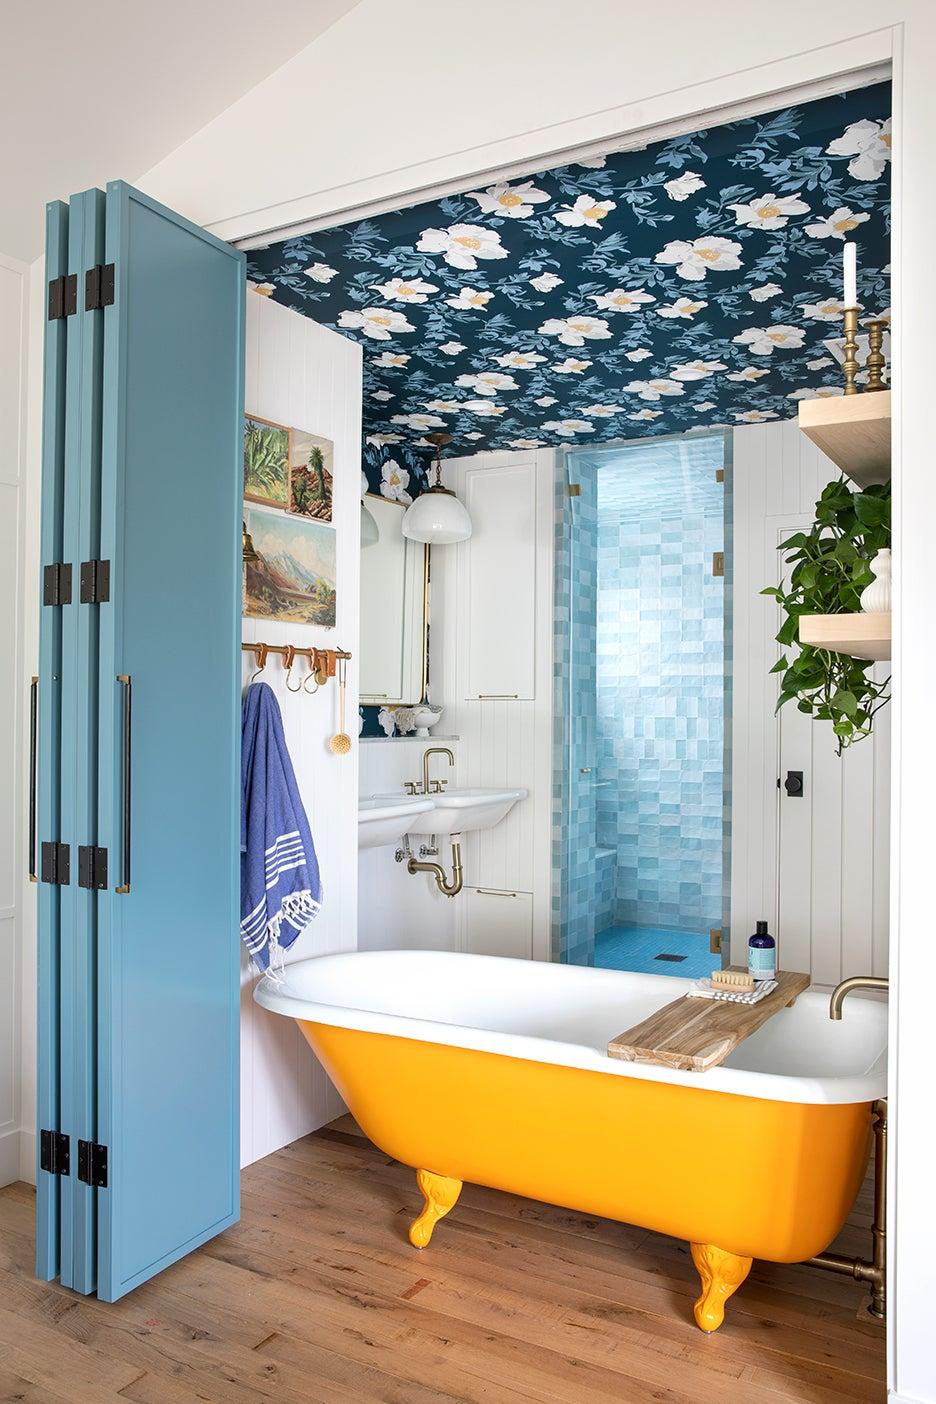 orang tub in blue bathroom